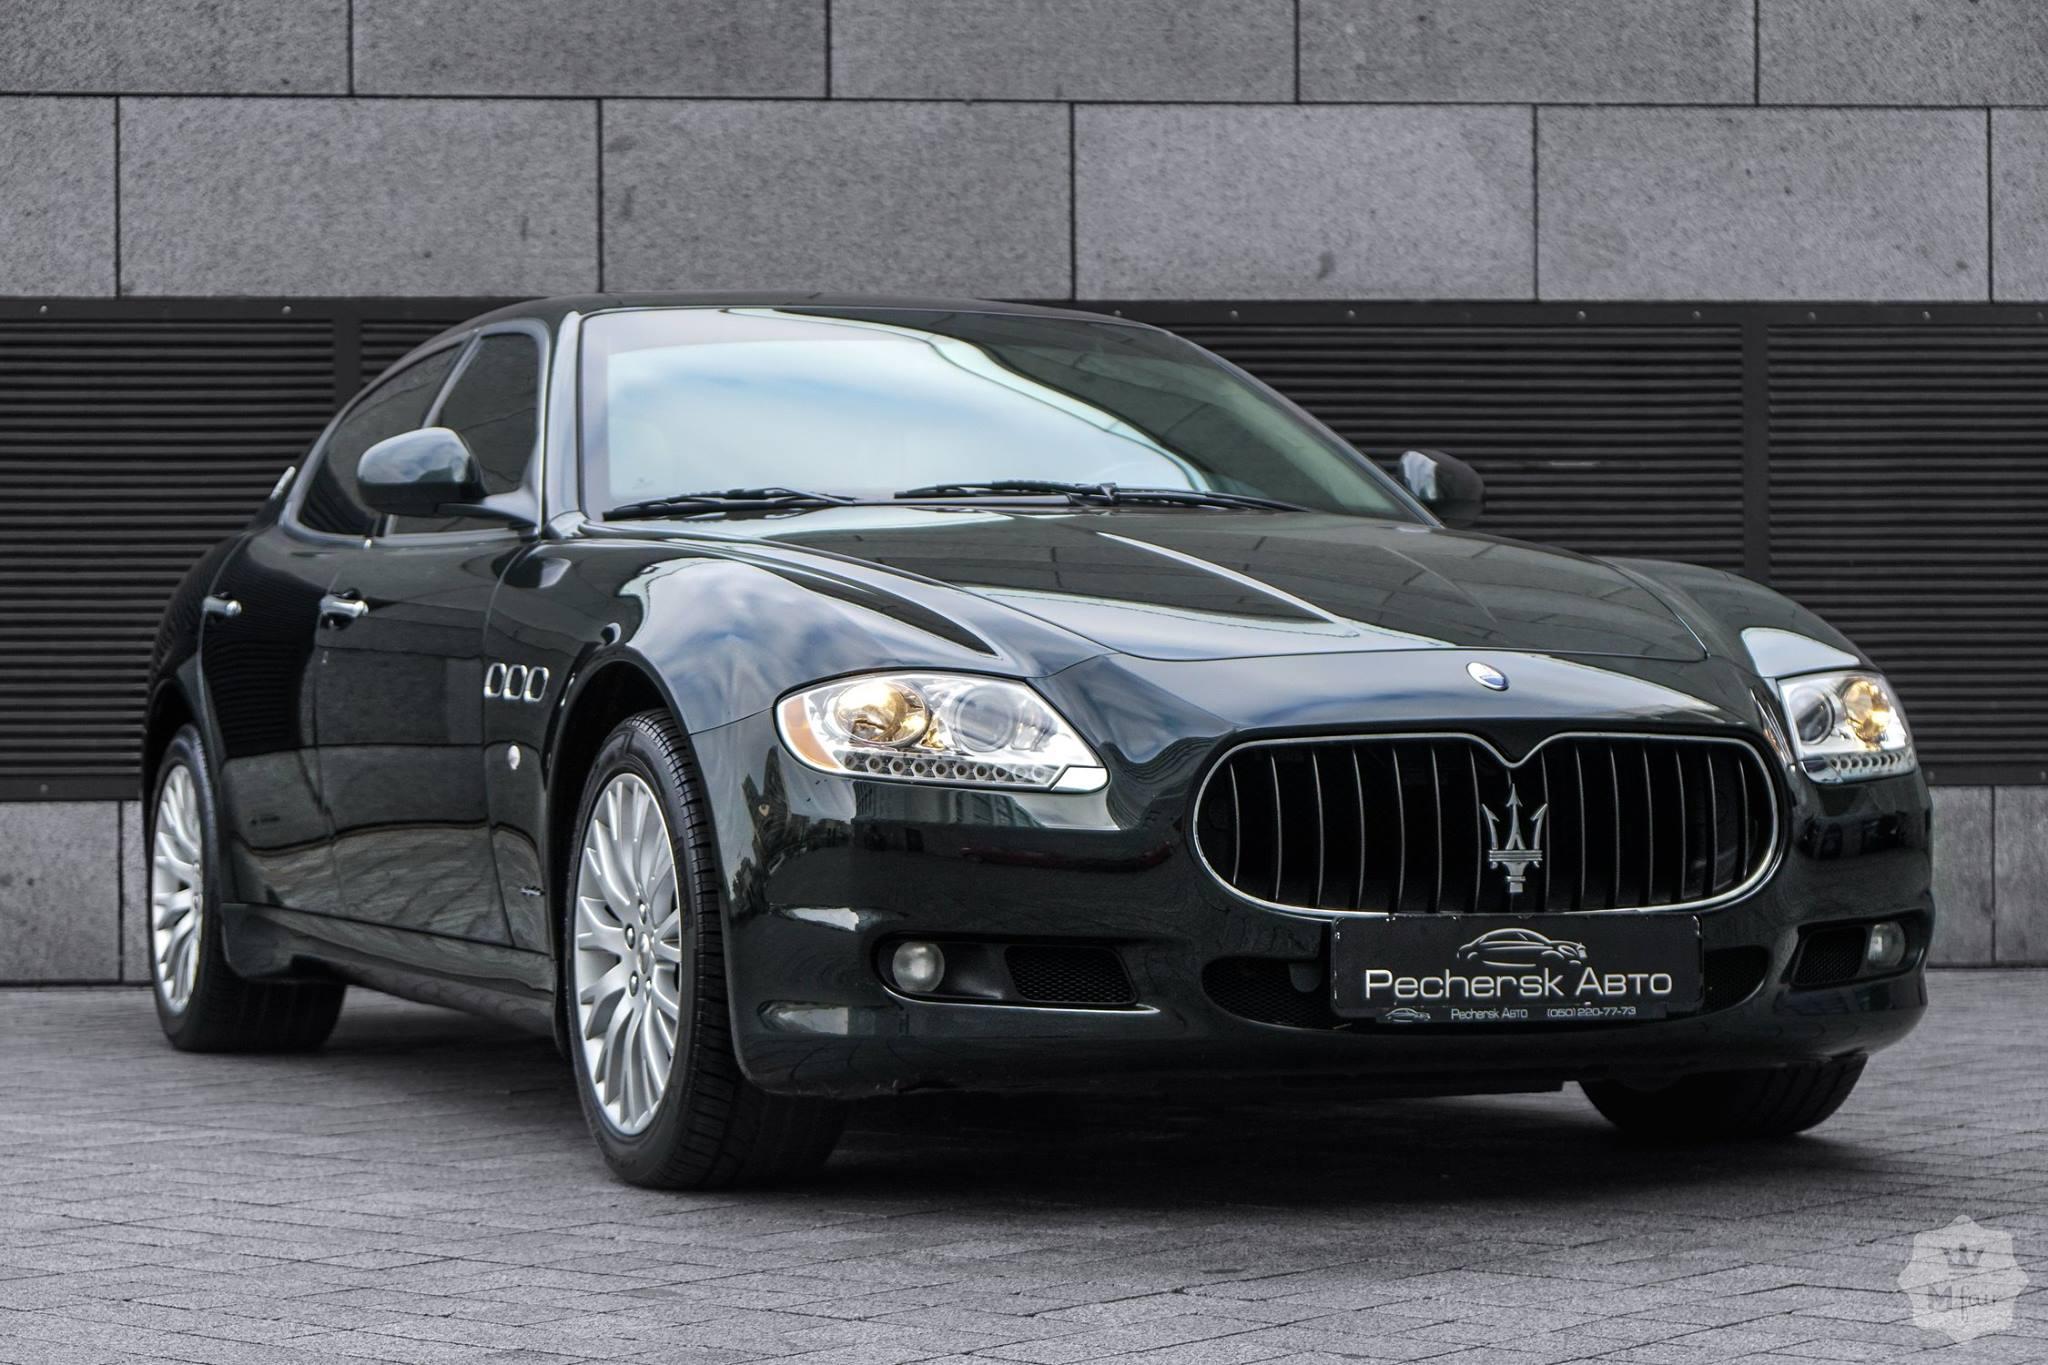 Нажмите на изображение для увеличения Название: 51707-sedan-maserati-quattroporte-kiev-2008-1917-1.jpg Просмотров: 83 Размер:332.1 Кб ID:672474